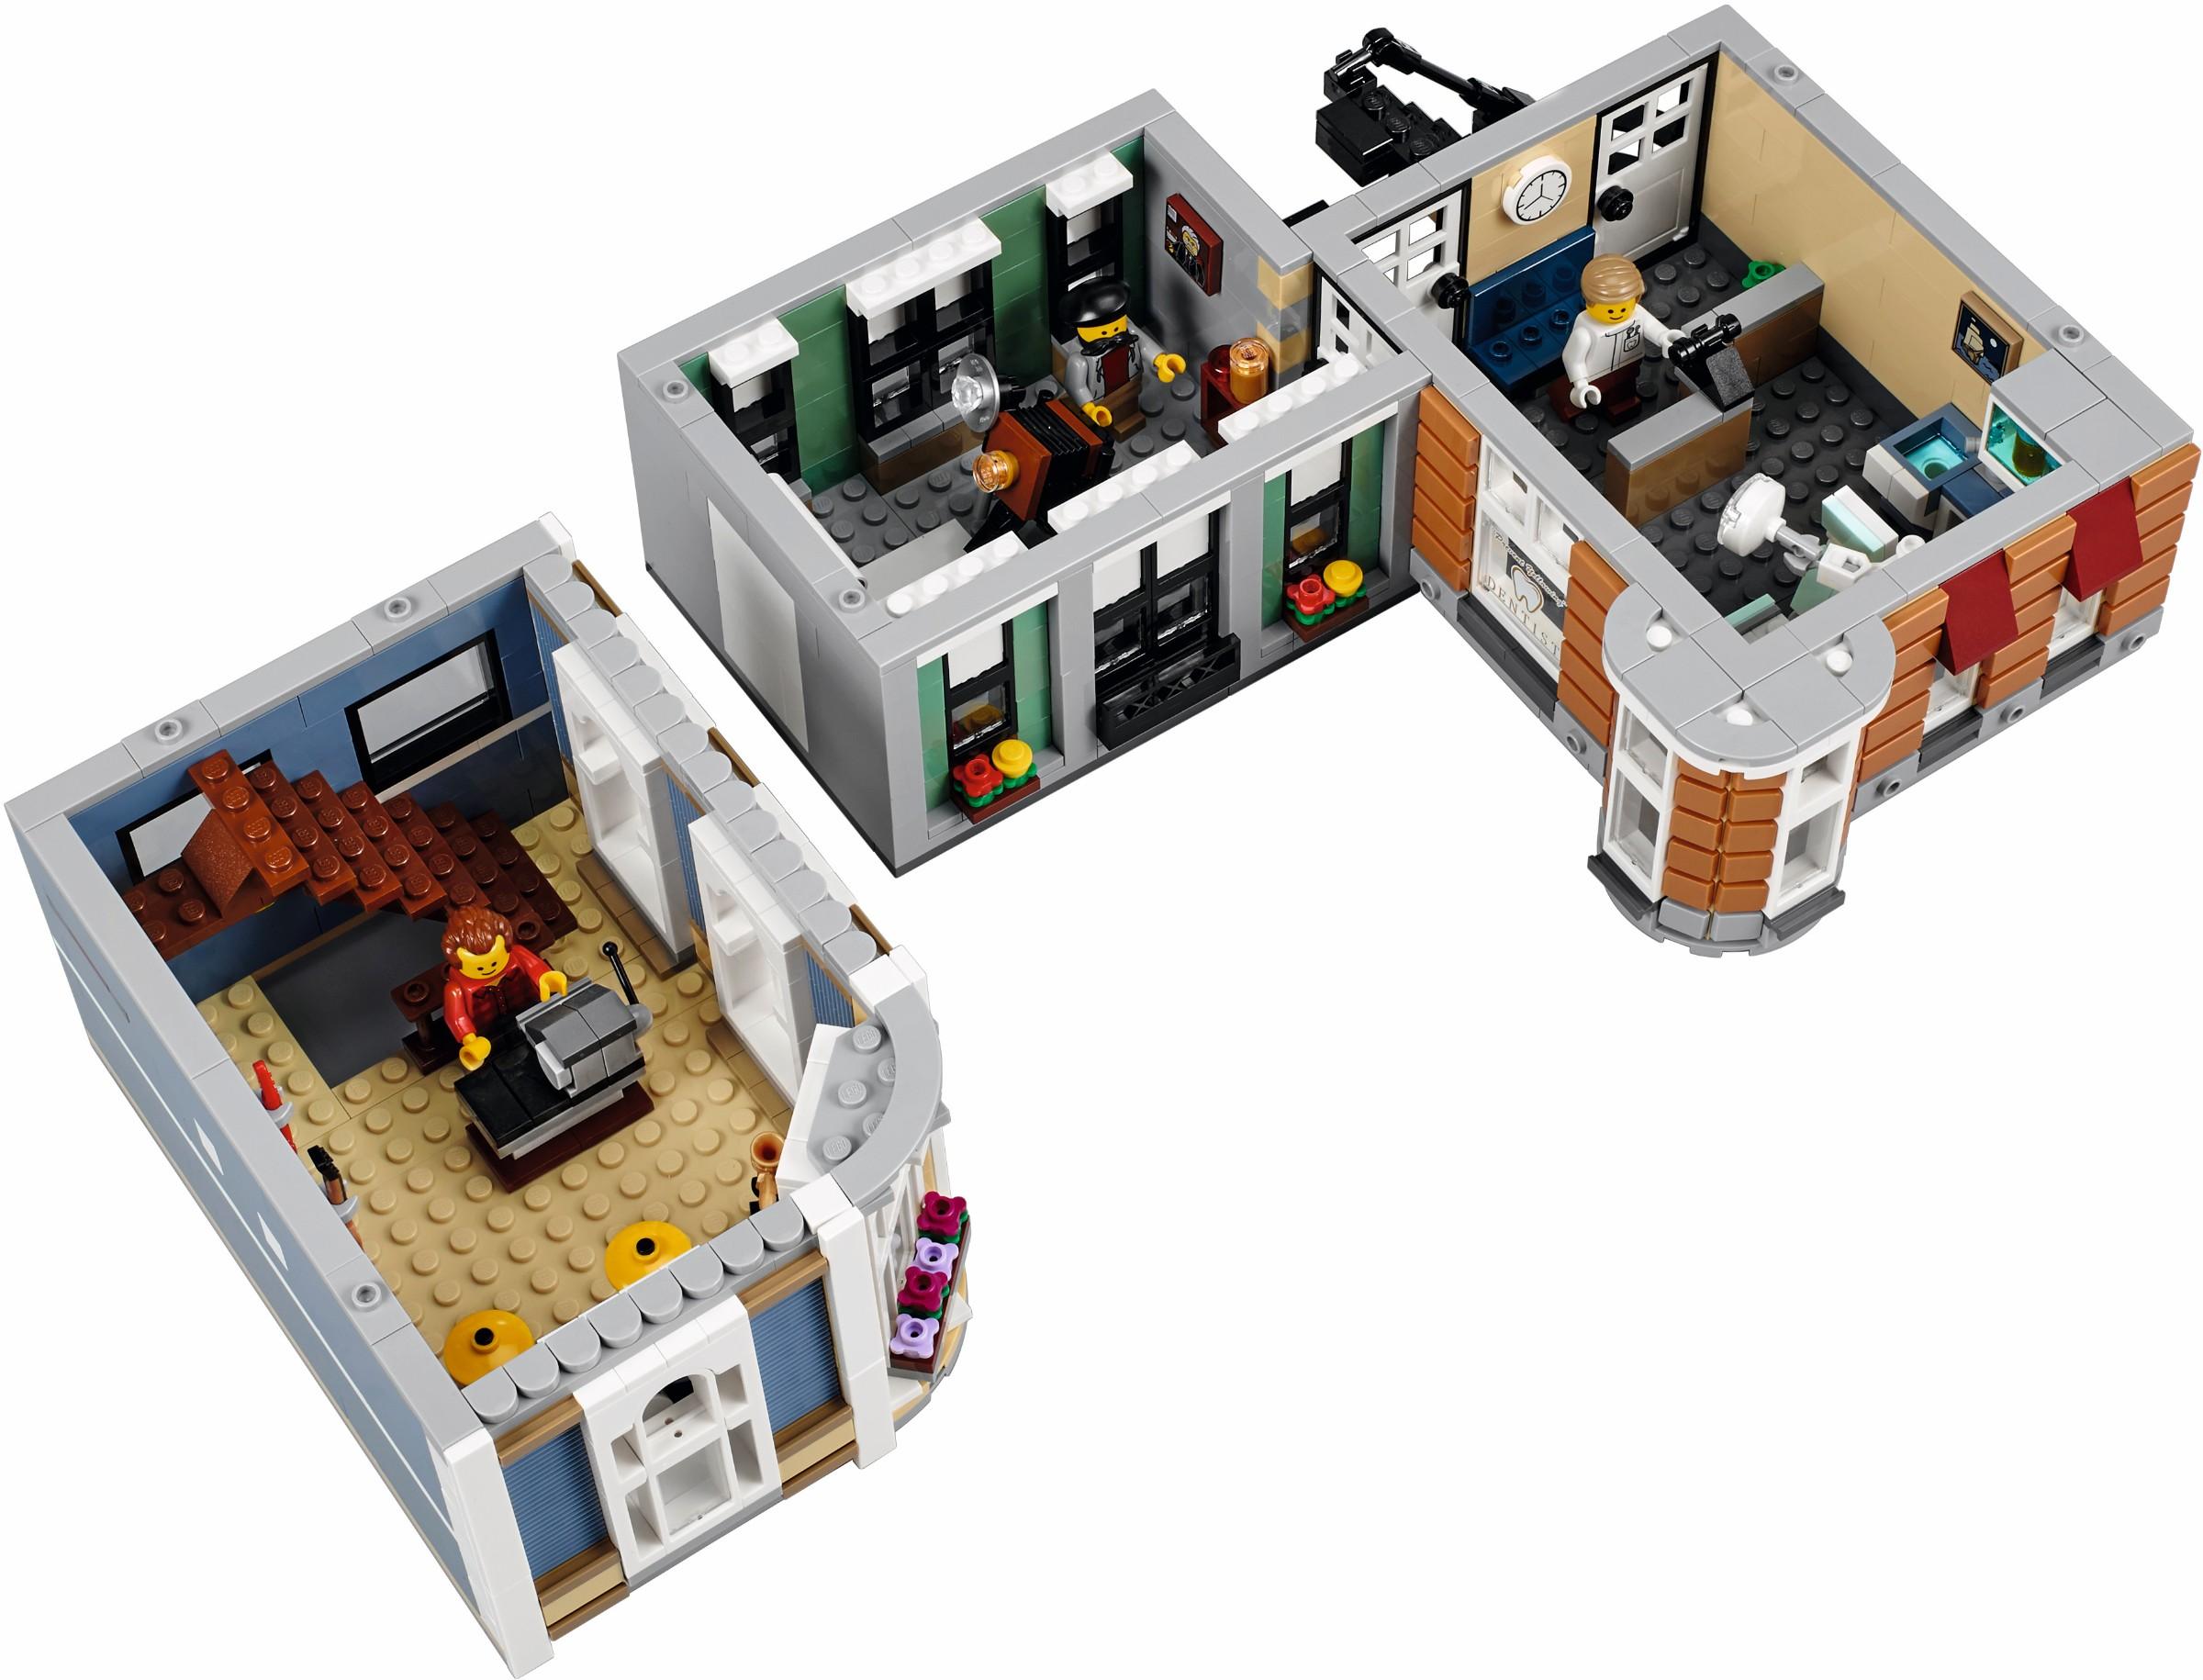 http://images.brickset.com/sets/AdditionalImages/10255-1/10255_Back_02.jpg